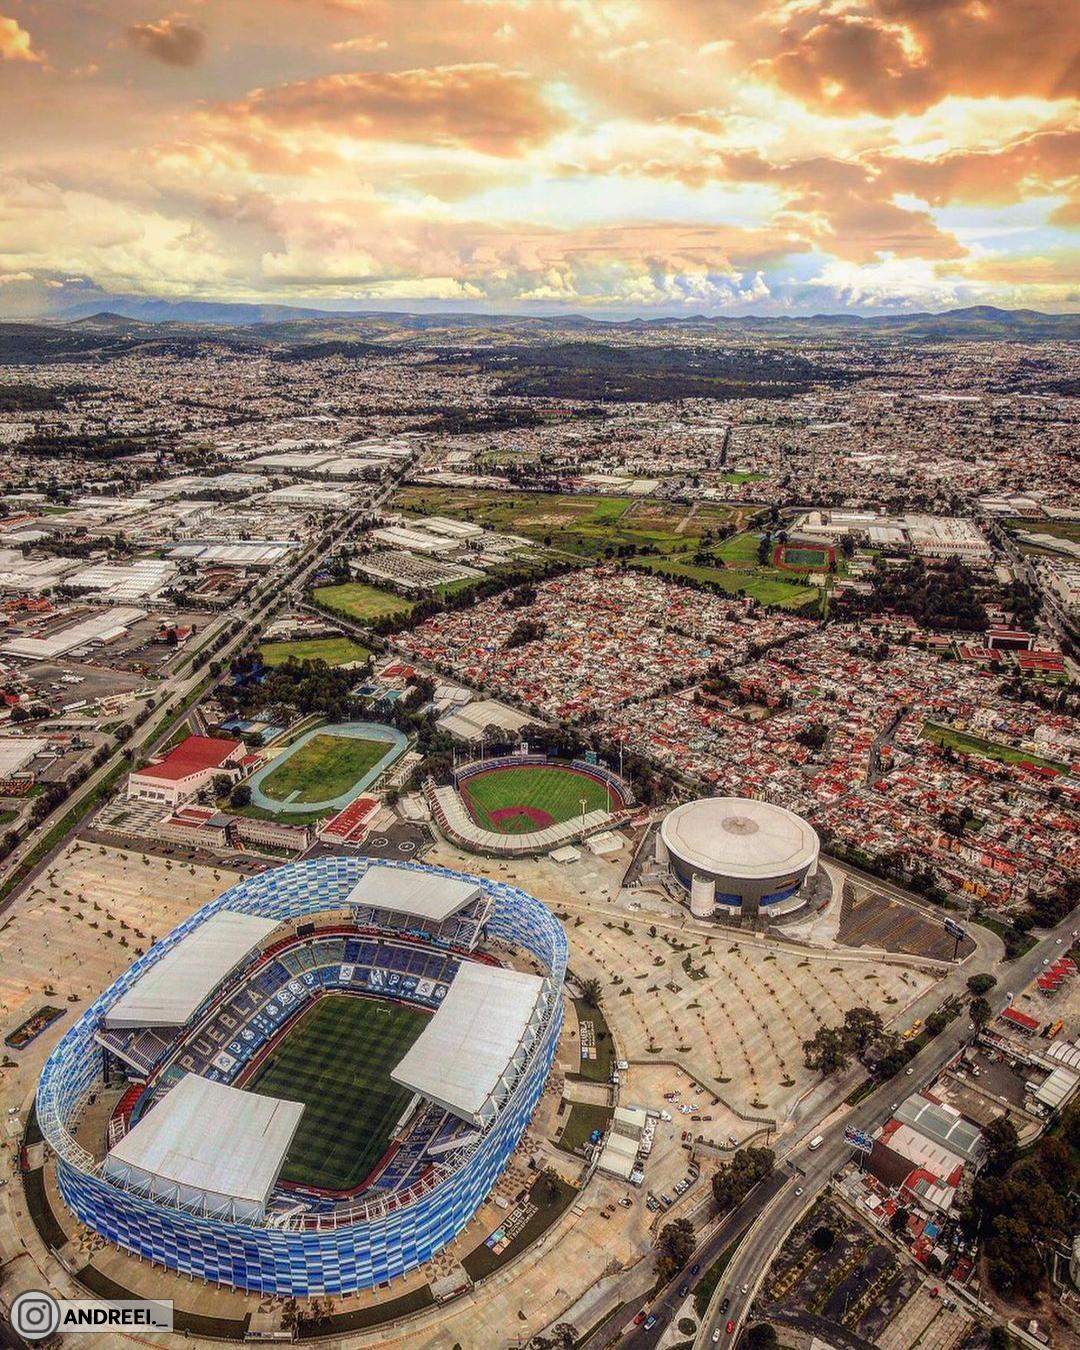 Мексиканская арена «Эстадио Куаутемок», которая названа в честь пивоварни